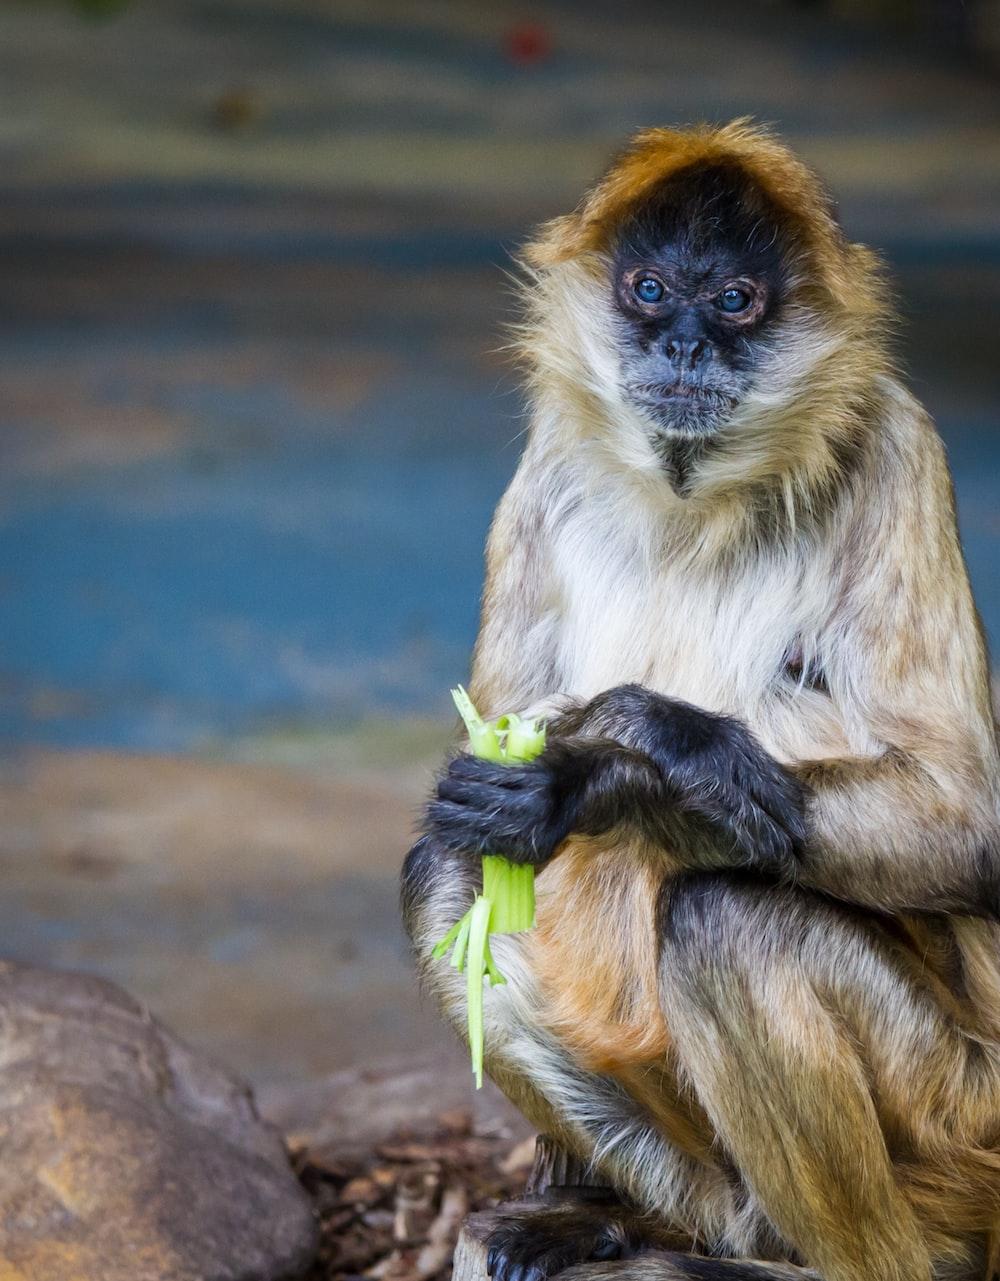 brown monkey eating vegetable